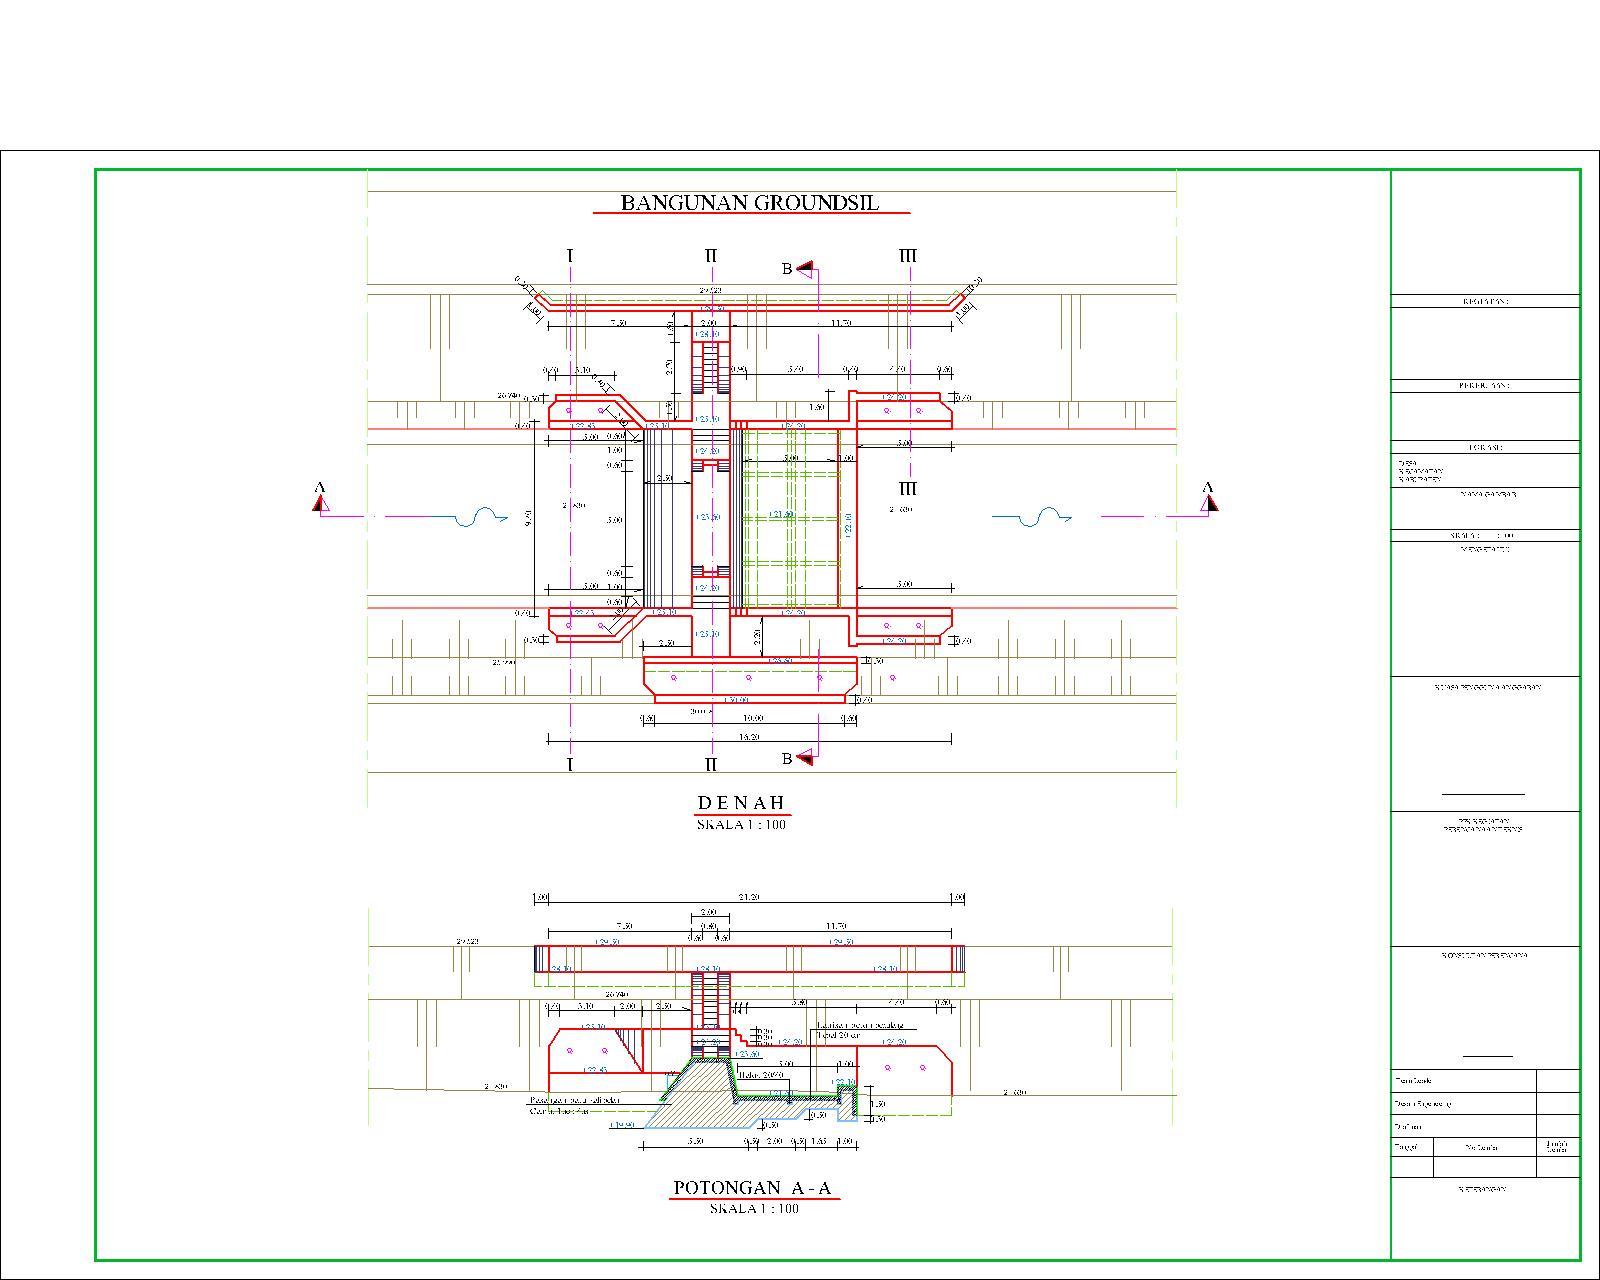 contoh gambar desain bangunan groundsill tokofile